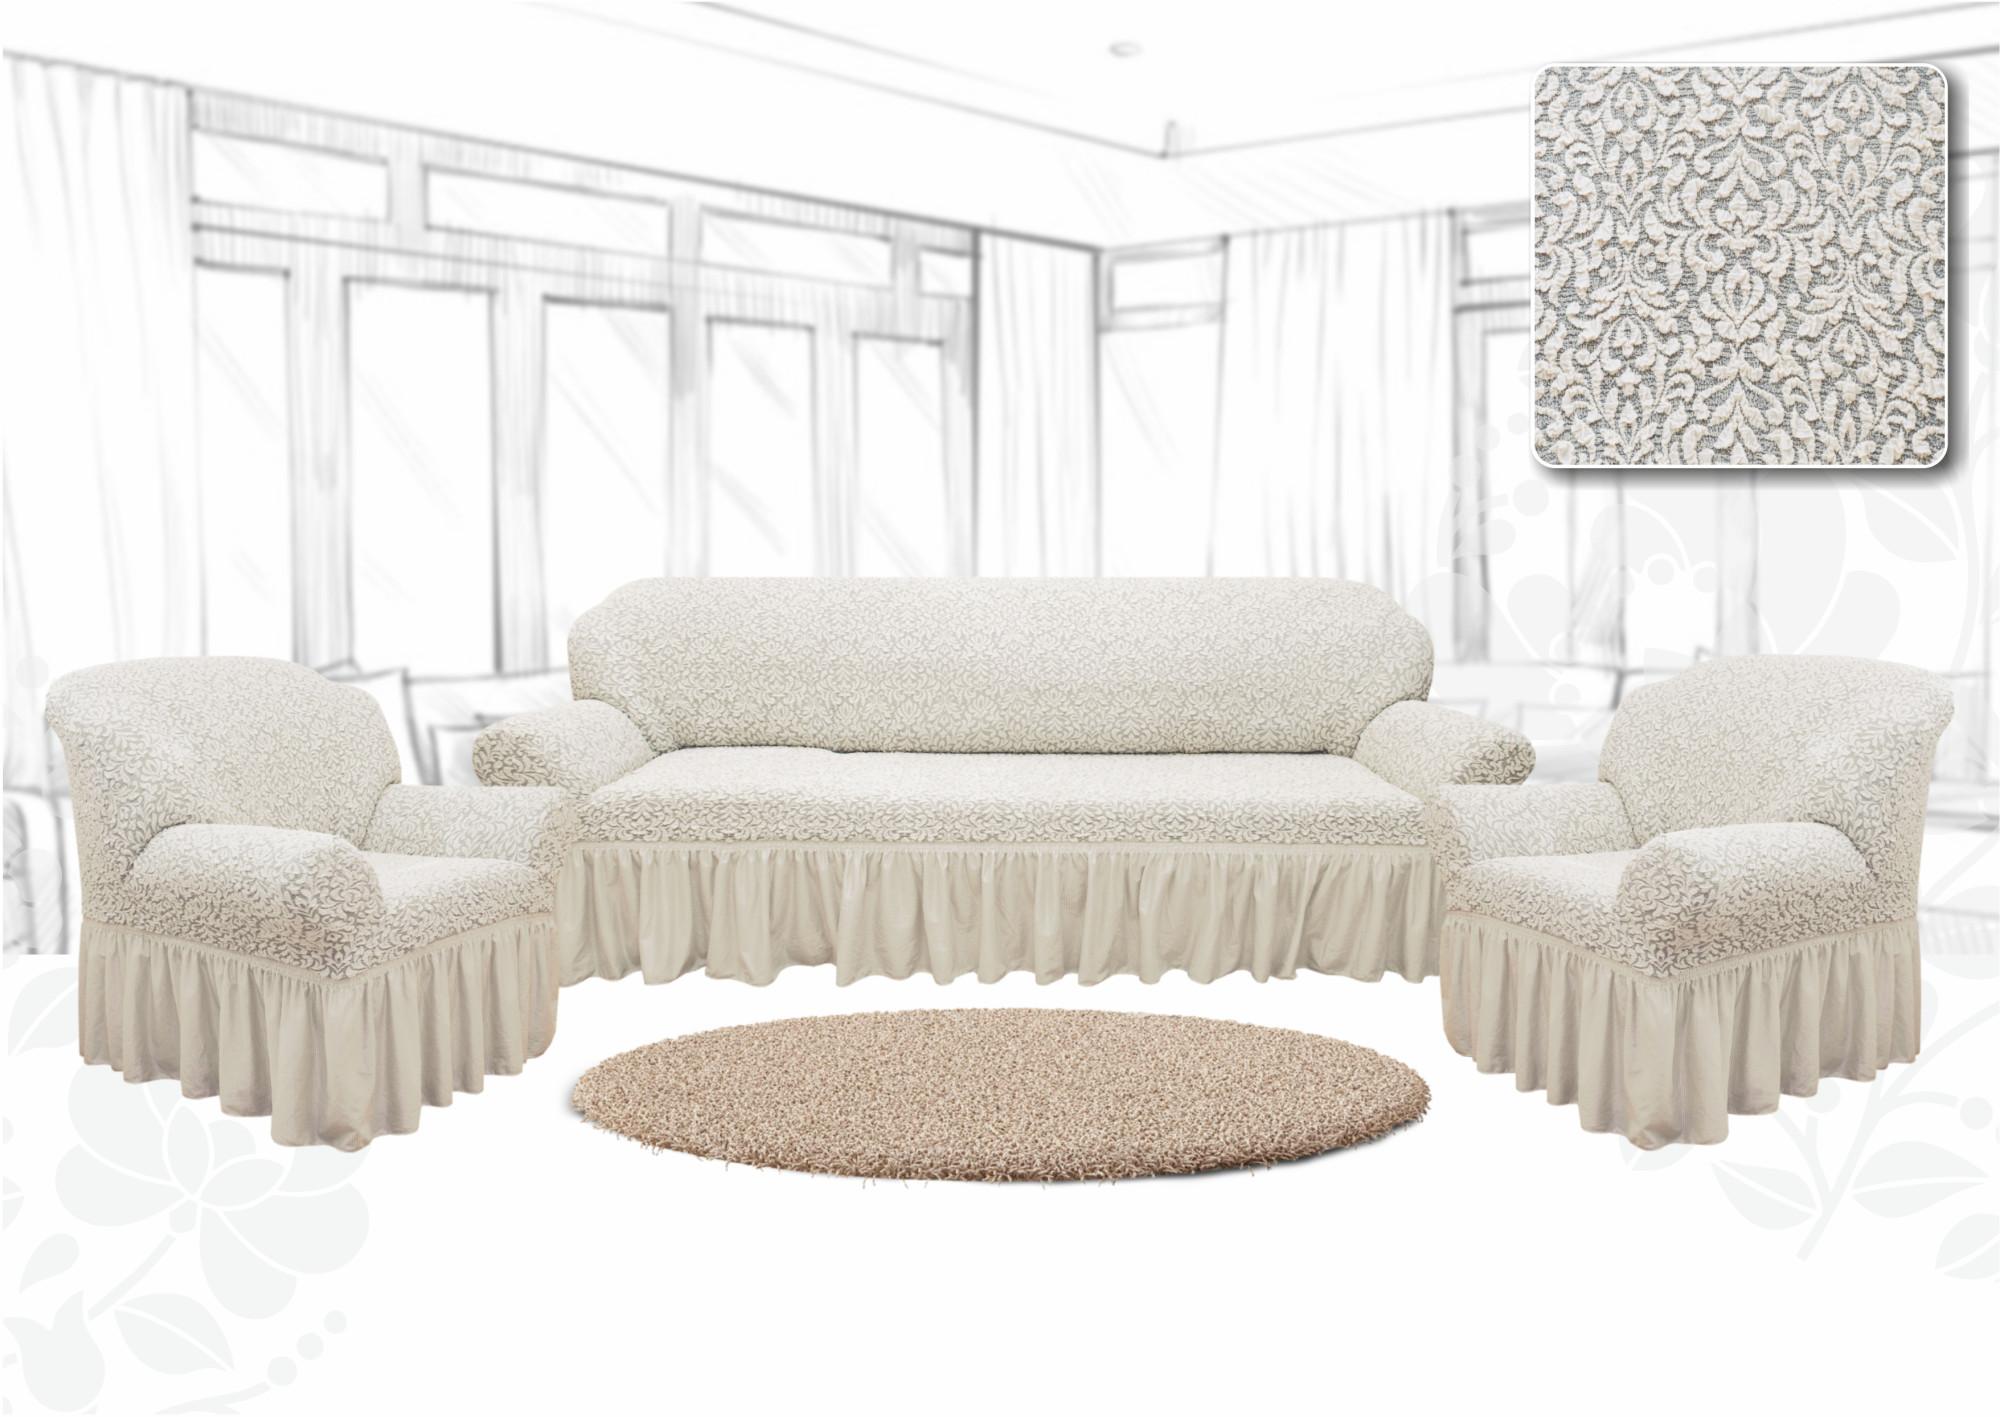 Набор текстильный для дома Престиж. Цветы, чехлы